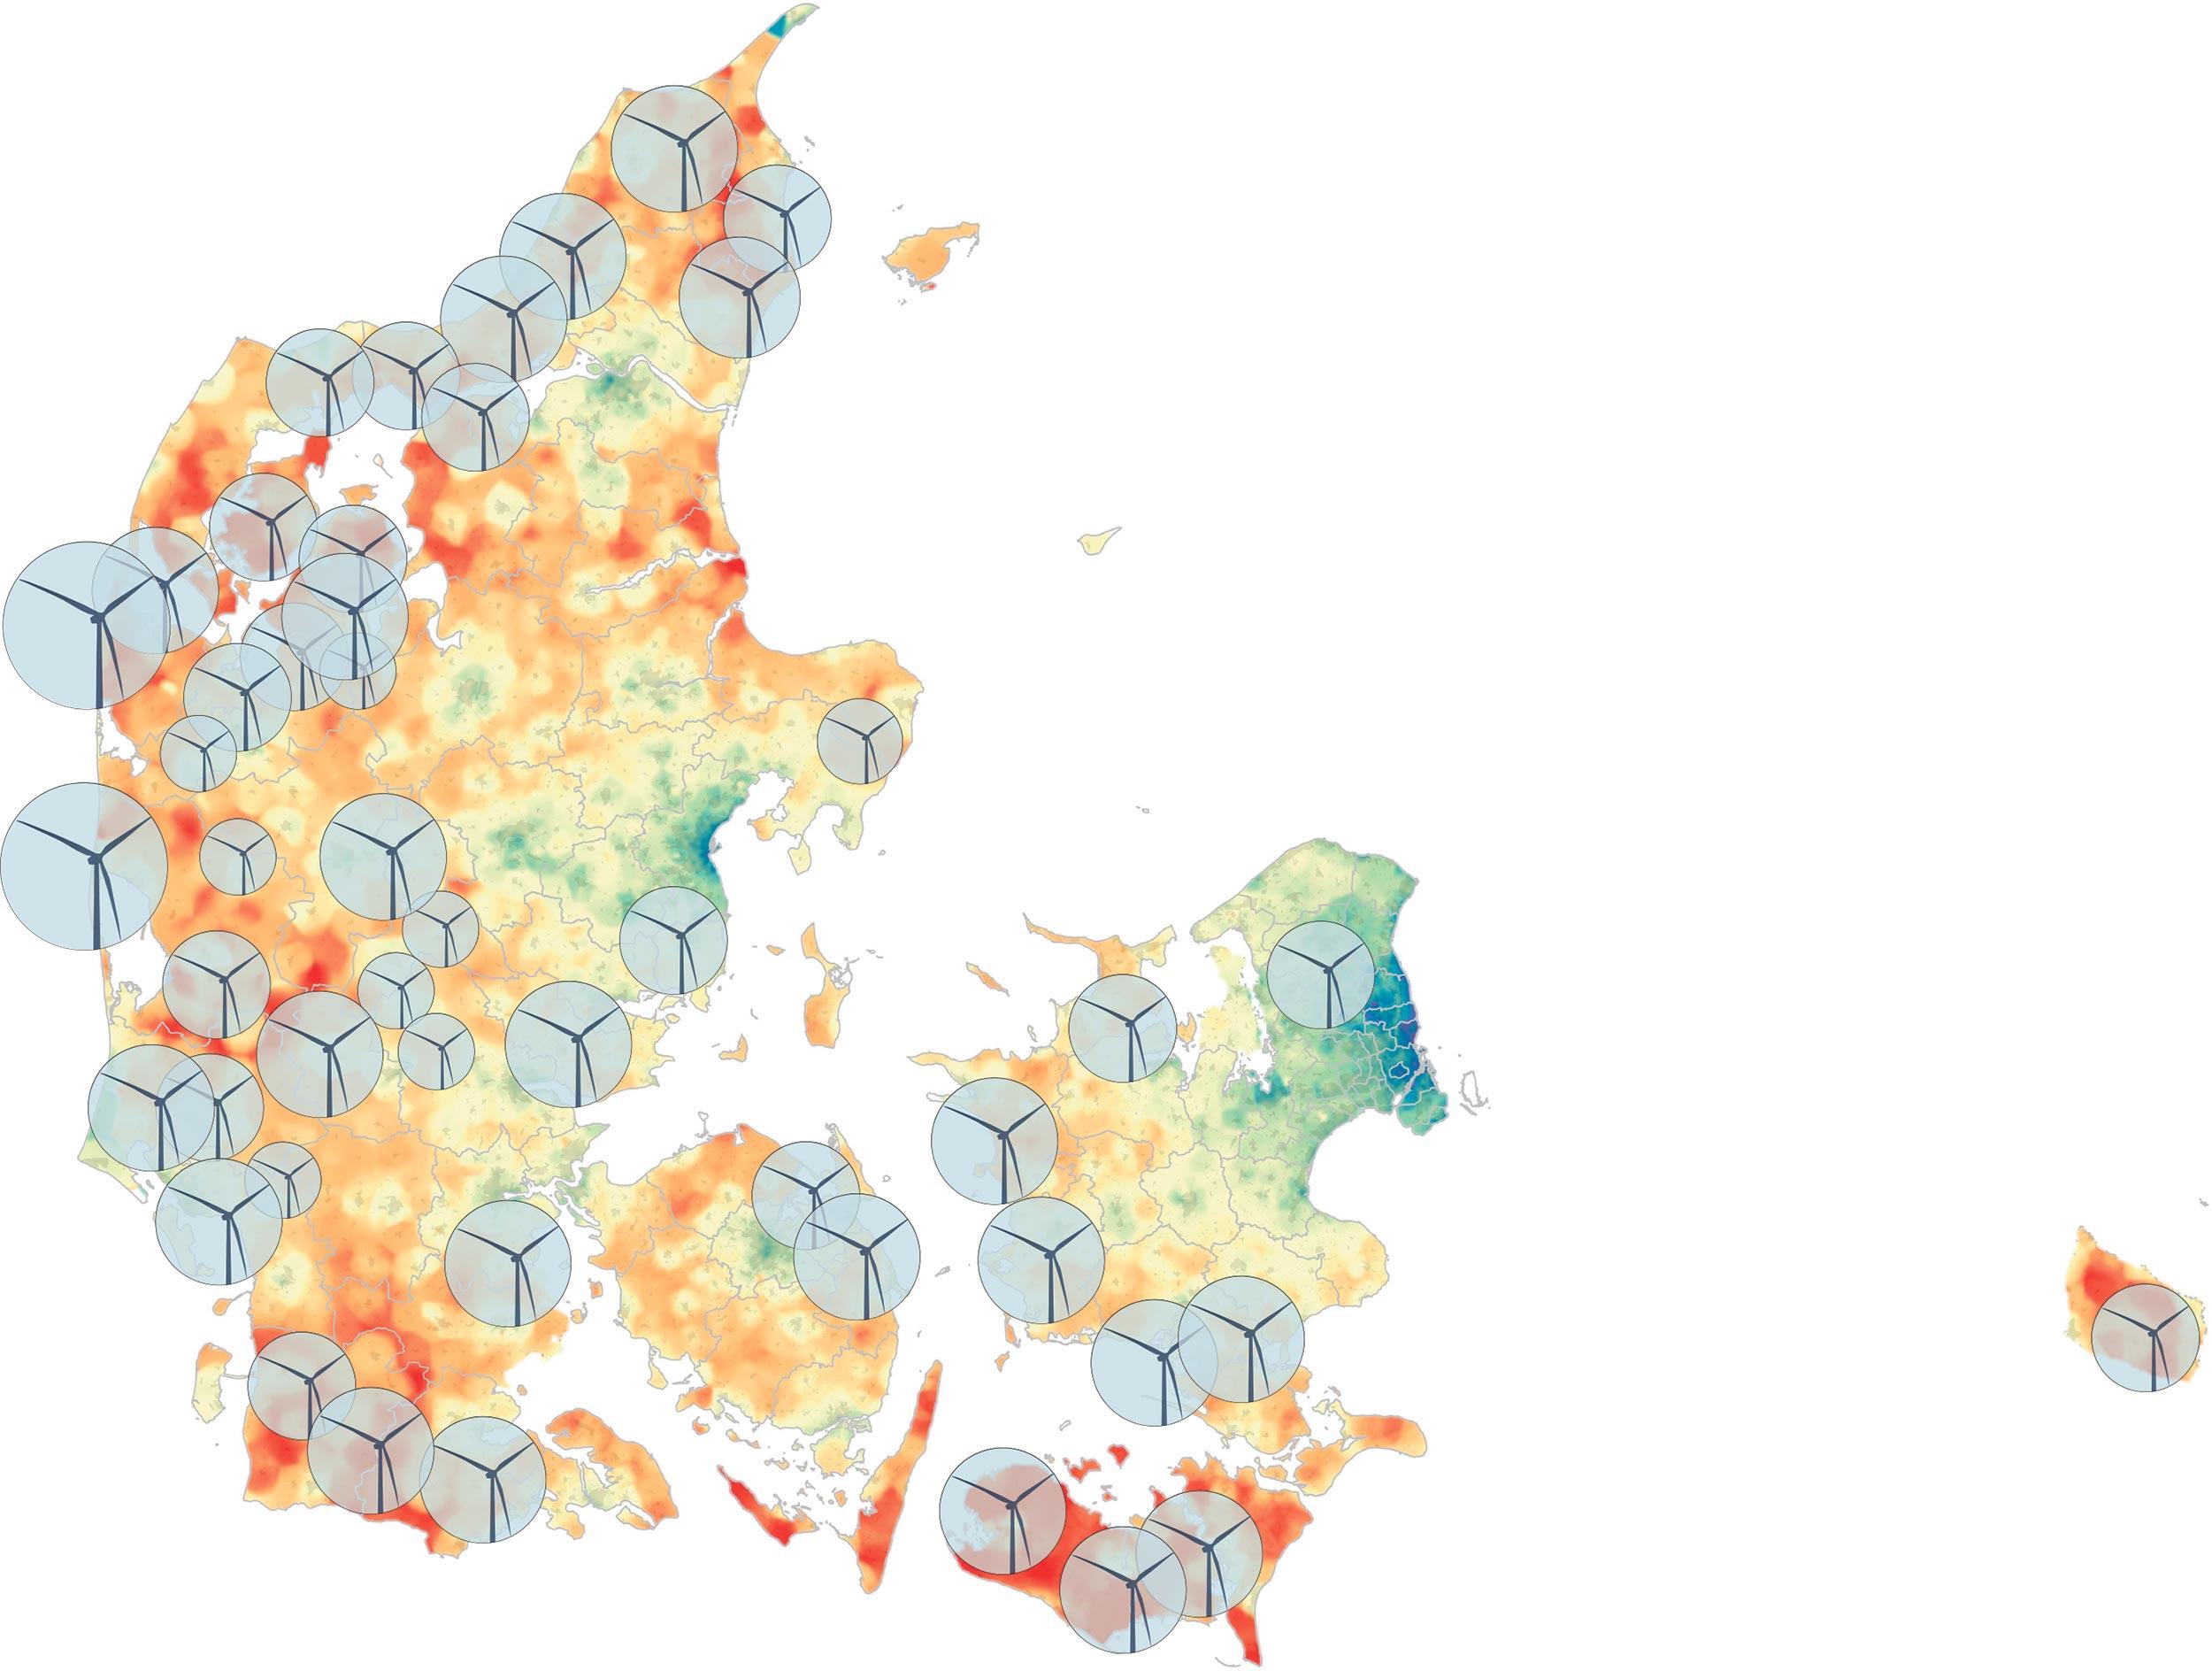 Vindmøller får ofte skylden for de faldende huspriser i landområderne. Sandheden er dog nok snarere, at huspriserne falder på baggrund af nogle langt større strukturelle forandringer i de vestlige samfund. Vindmøller bliver typisk opstillet på i vindblæste og tyndt befolkede områder - områder som ofte er sammenfaldende med landsamfund hvor huspriserne er faldende. På illustrationen er områder med lave huspriser markeret med rød farve.